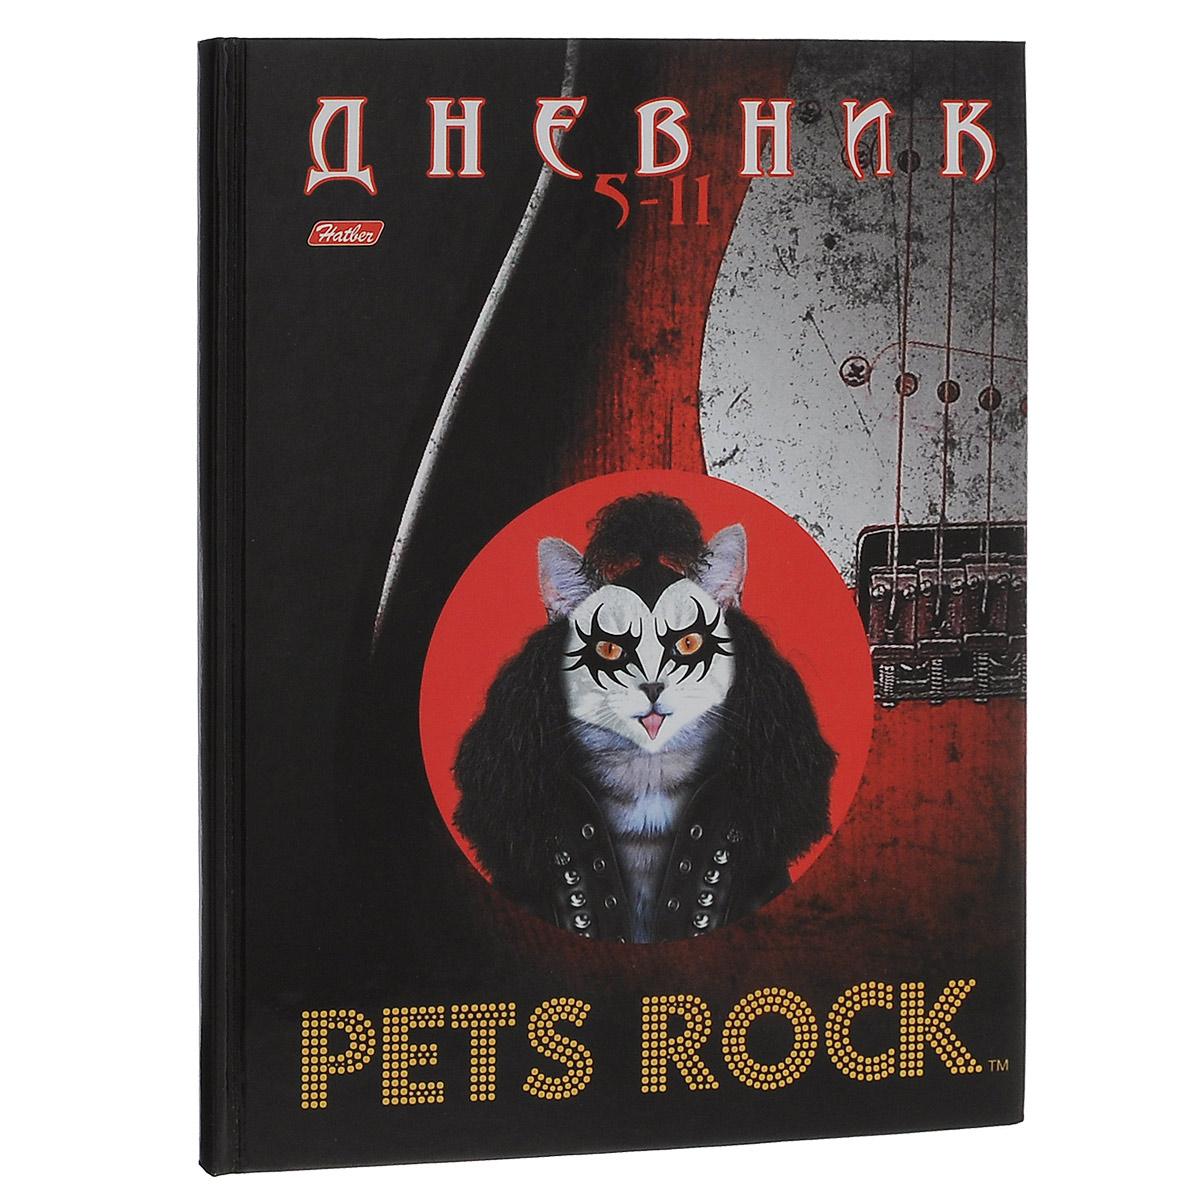 Дневник школьный Hatber Pets Rock, для 5-11 классов, 48 листов48ДТ5B_10598Дневник Hatber в твердом переплете для учащихся с 5-11 класс с информационным блоком поможет ученику не забыть свои задания, а вы всегда сможете проконтролировать его успеваемость. Дневник с изображением Cats Rock на обложке будет не только надежным помощником в освоении новых знаний, но и принесет радость своему хозяину, выделяя его среди одноклассников и украшая учебные будни. В начале и конце дневника расположен небольшой информационный блок, включающий в себя географическую карту, сведения по математике, химии, физики и истории.